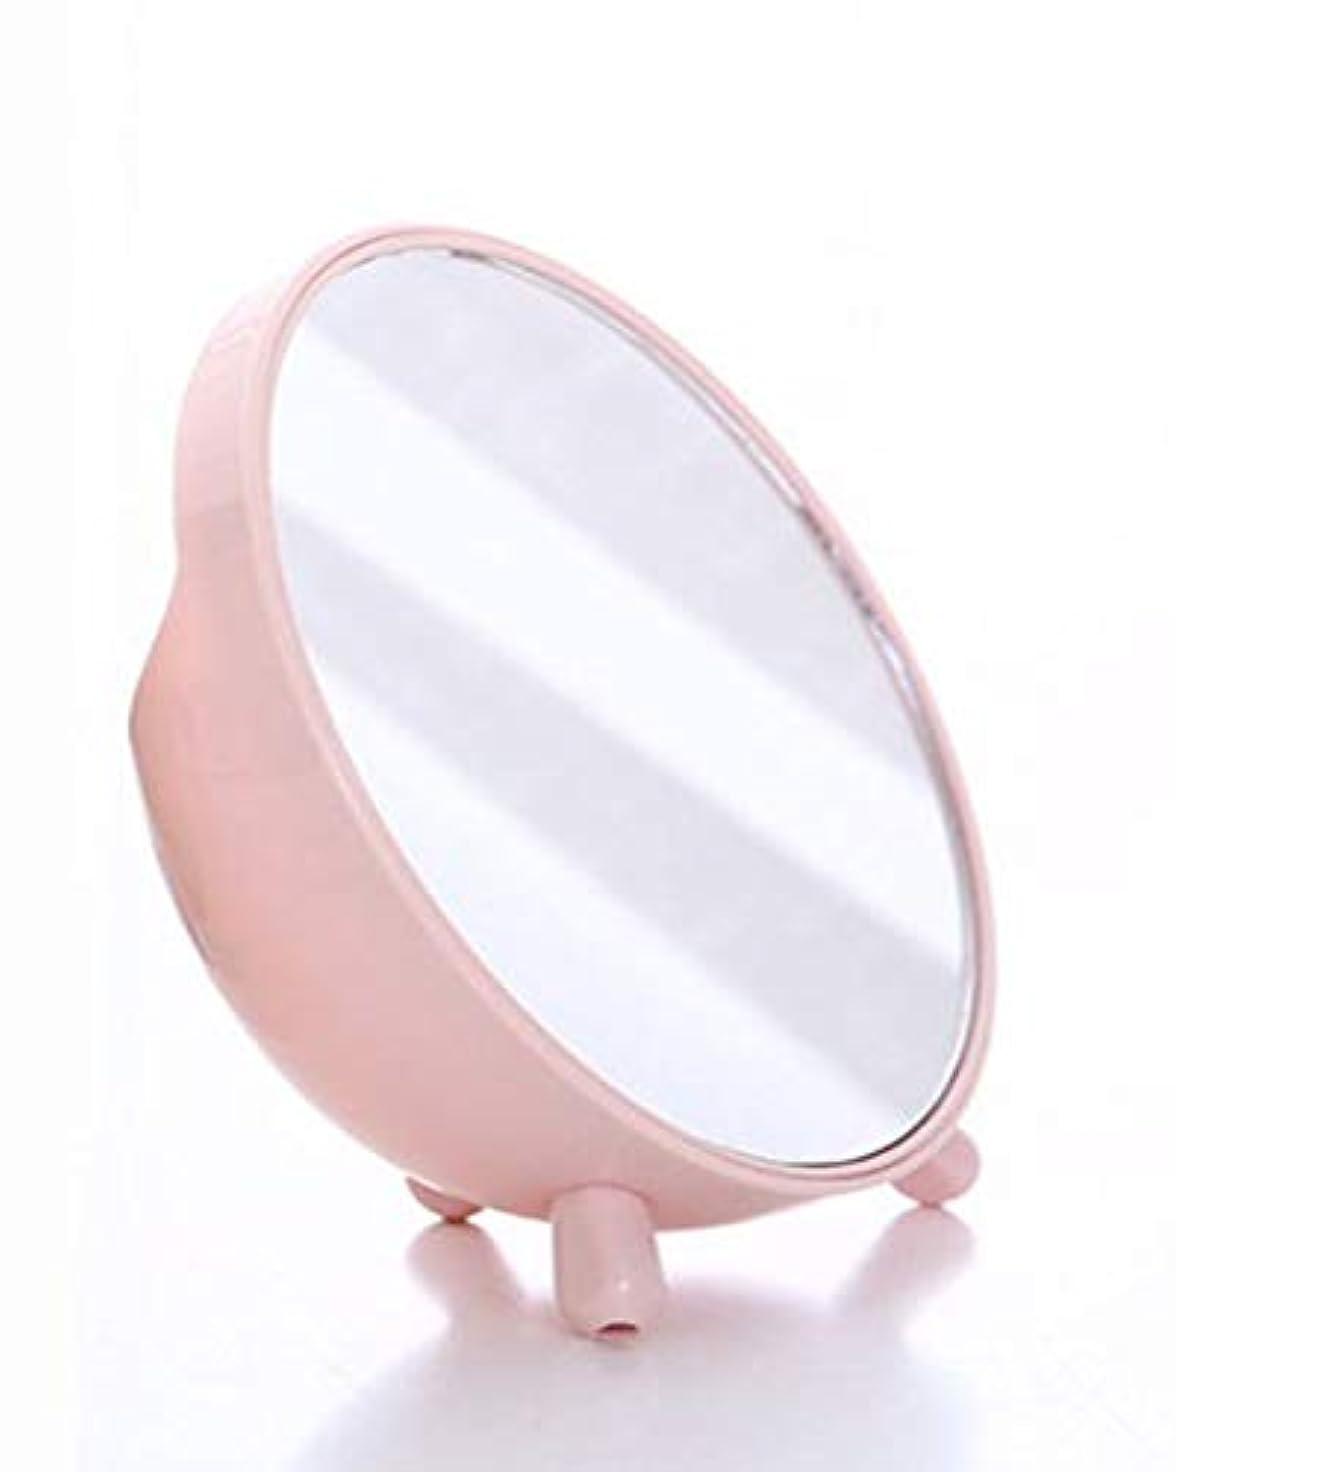 支配的反抗まだら化粧鏡、収納ボックス化粧ギフトとピンクのシンプルなラウンドテーブル化粧鏡